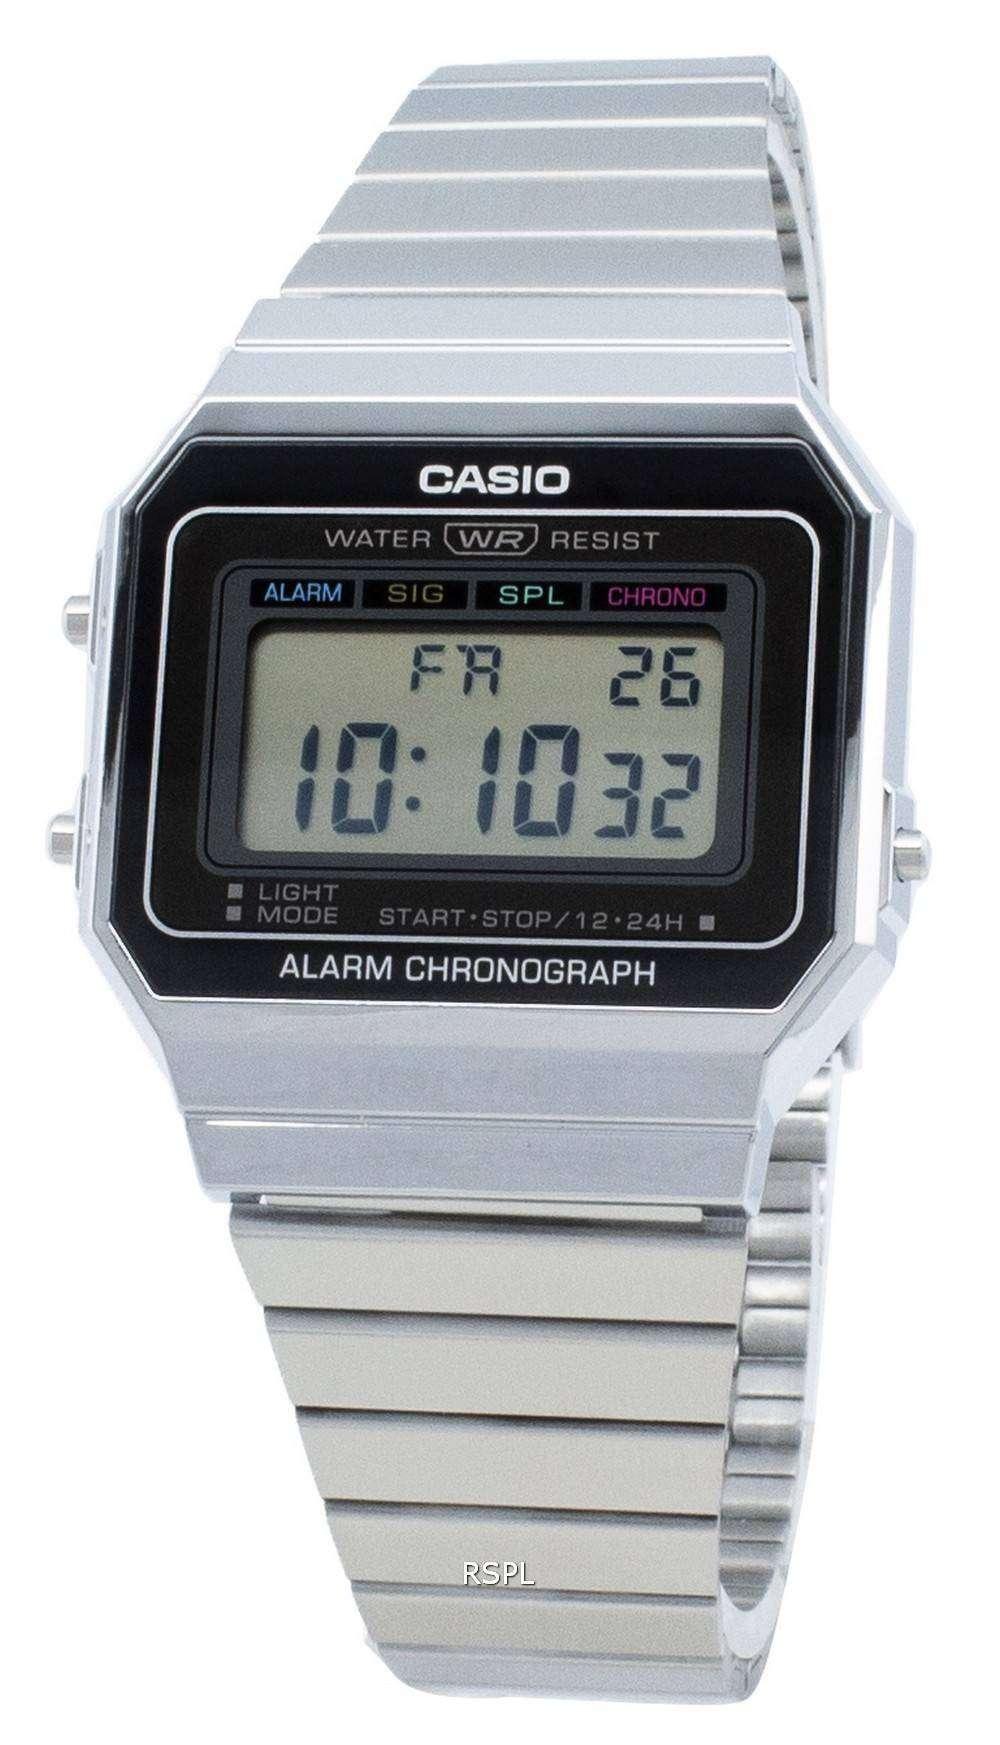 カシオユースデジタルA700W-1A A700W-1アラームクォーツメンズ腕時計